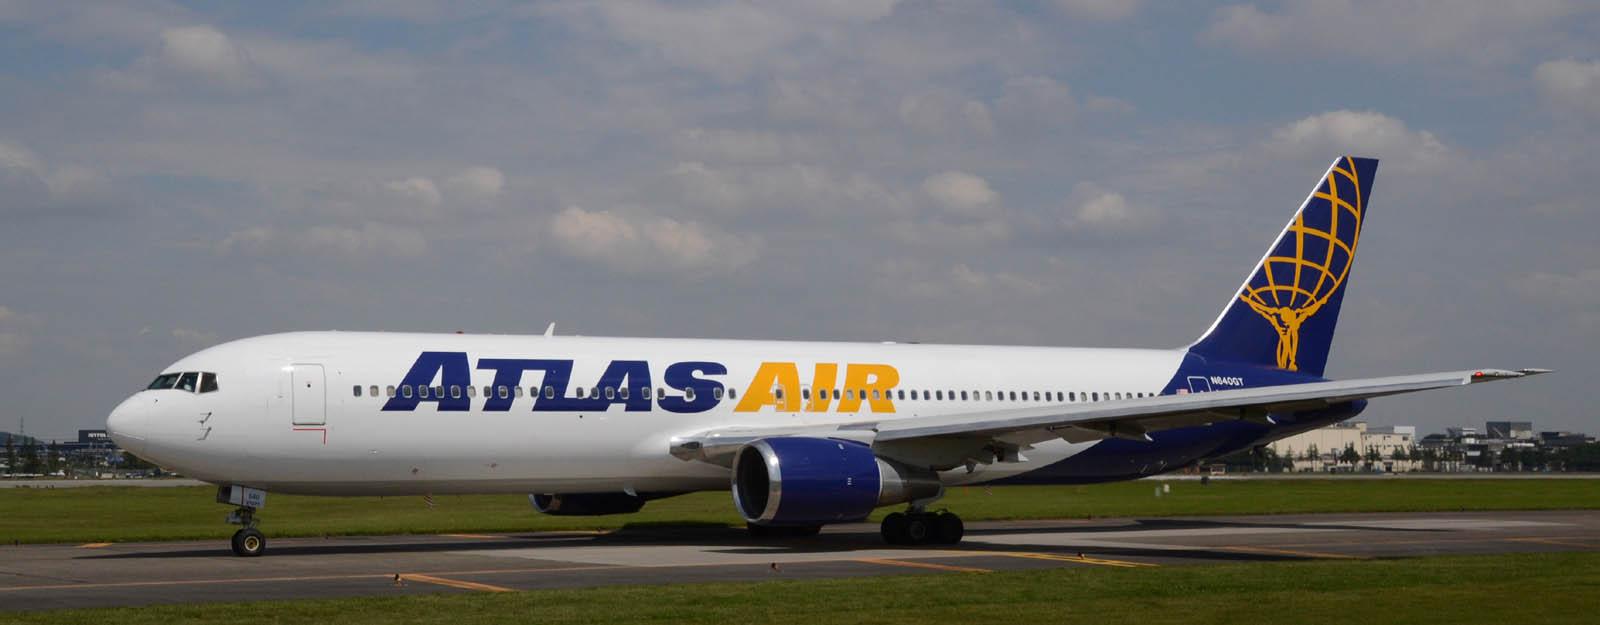 Atlas130628g447